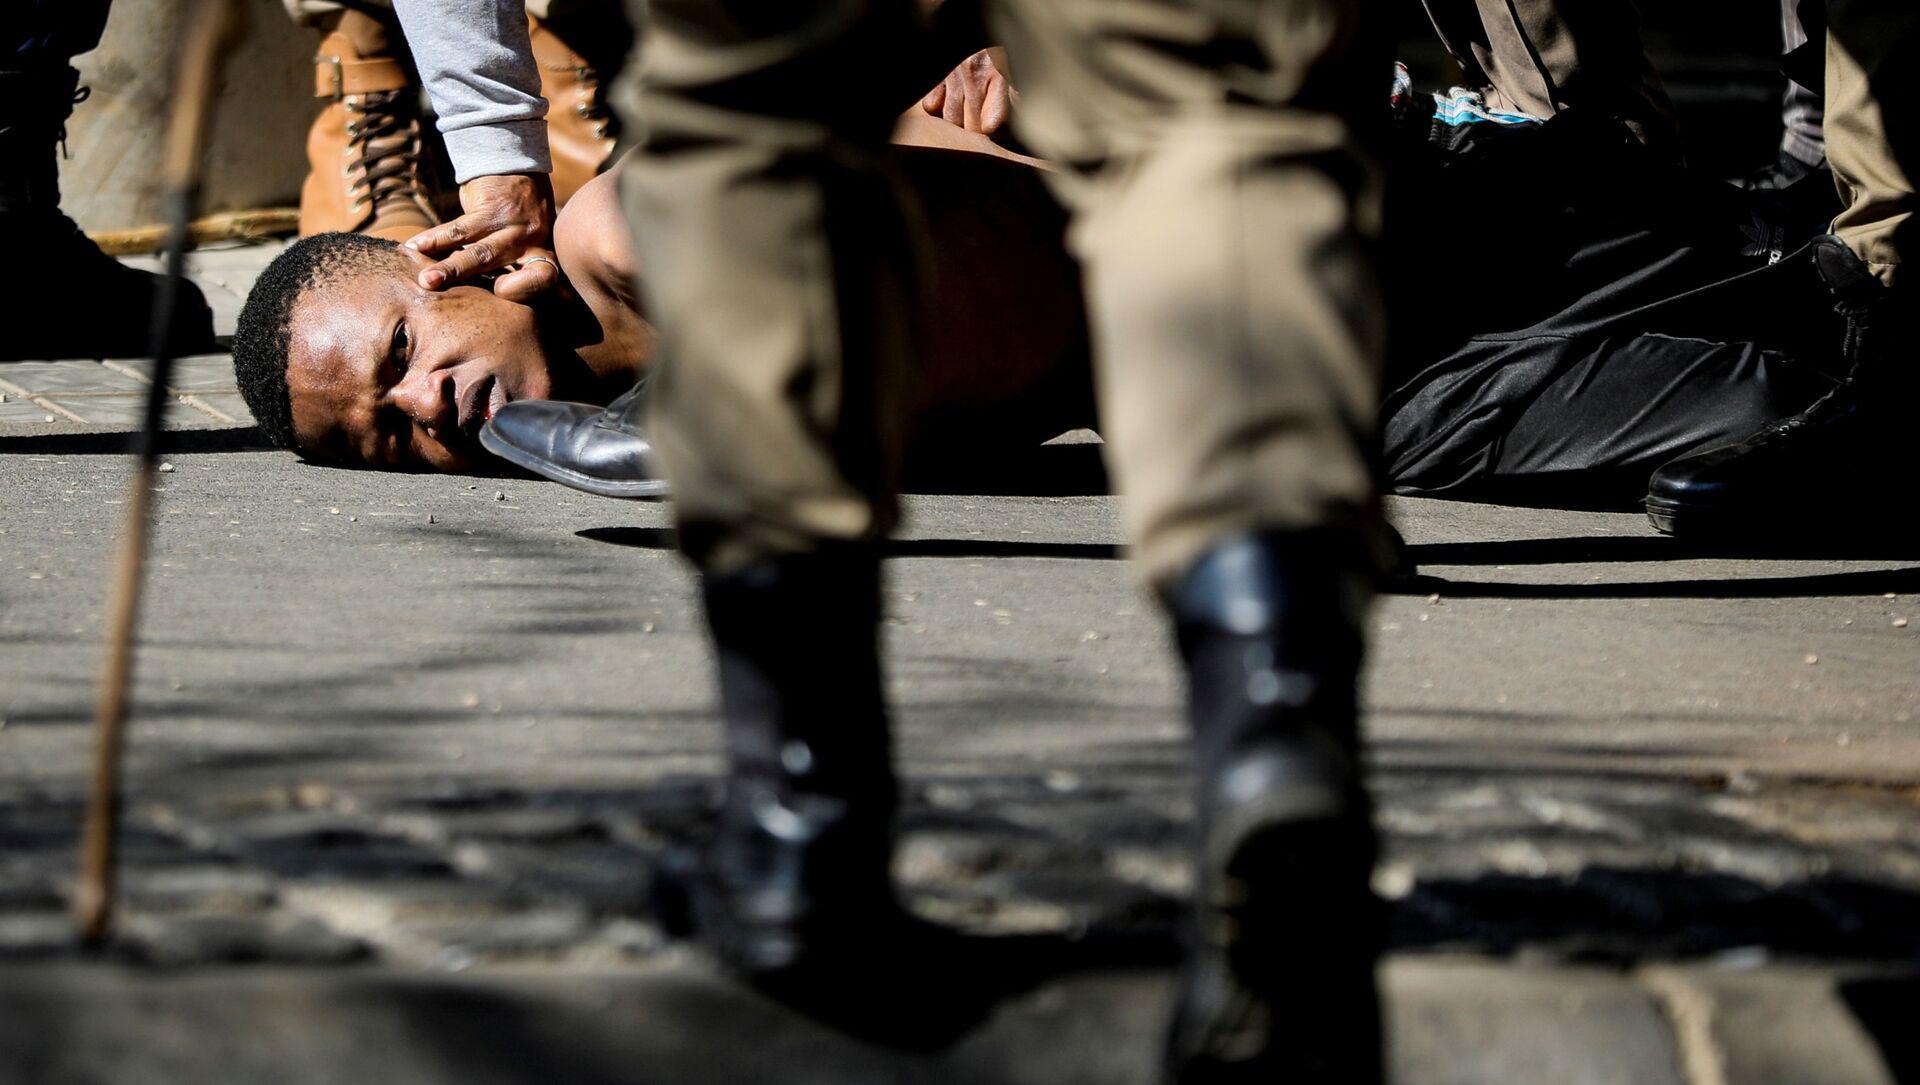 Des policiers sud-africains  pendant les troubles sociaux - Sputnik France, 1920, 27.08.2021